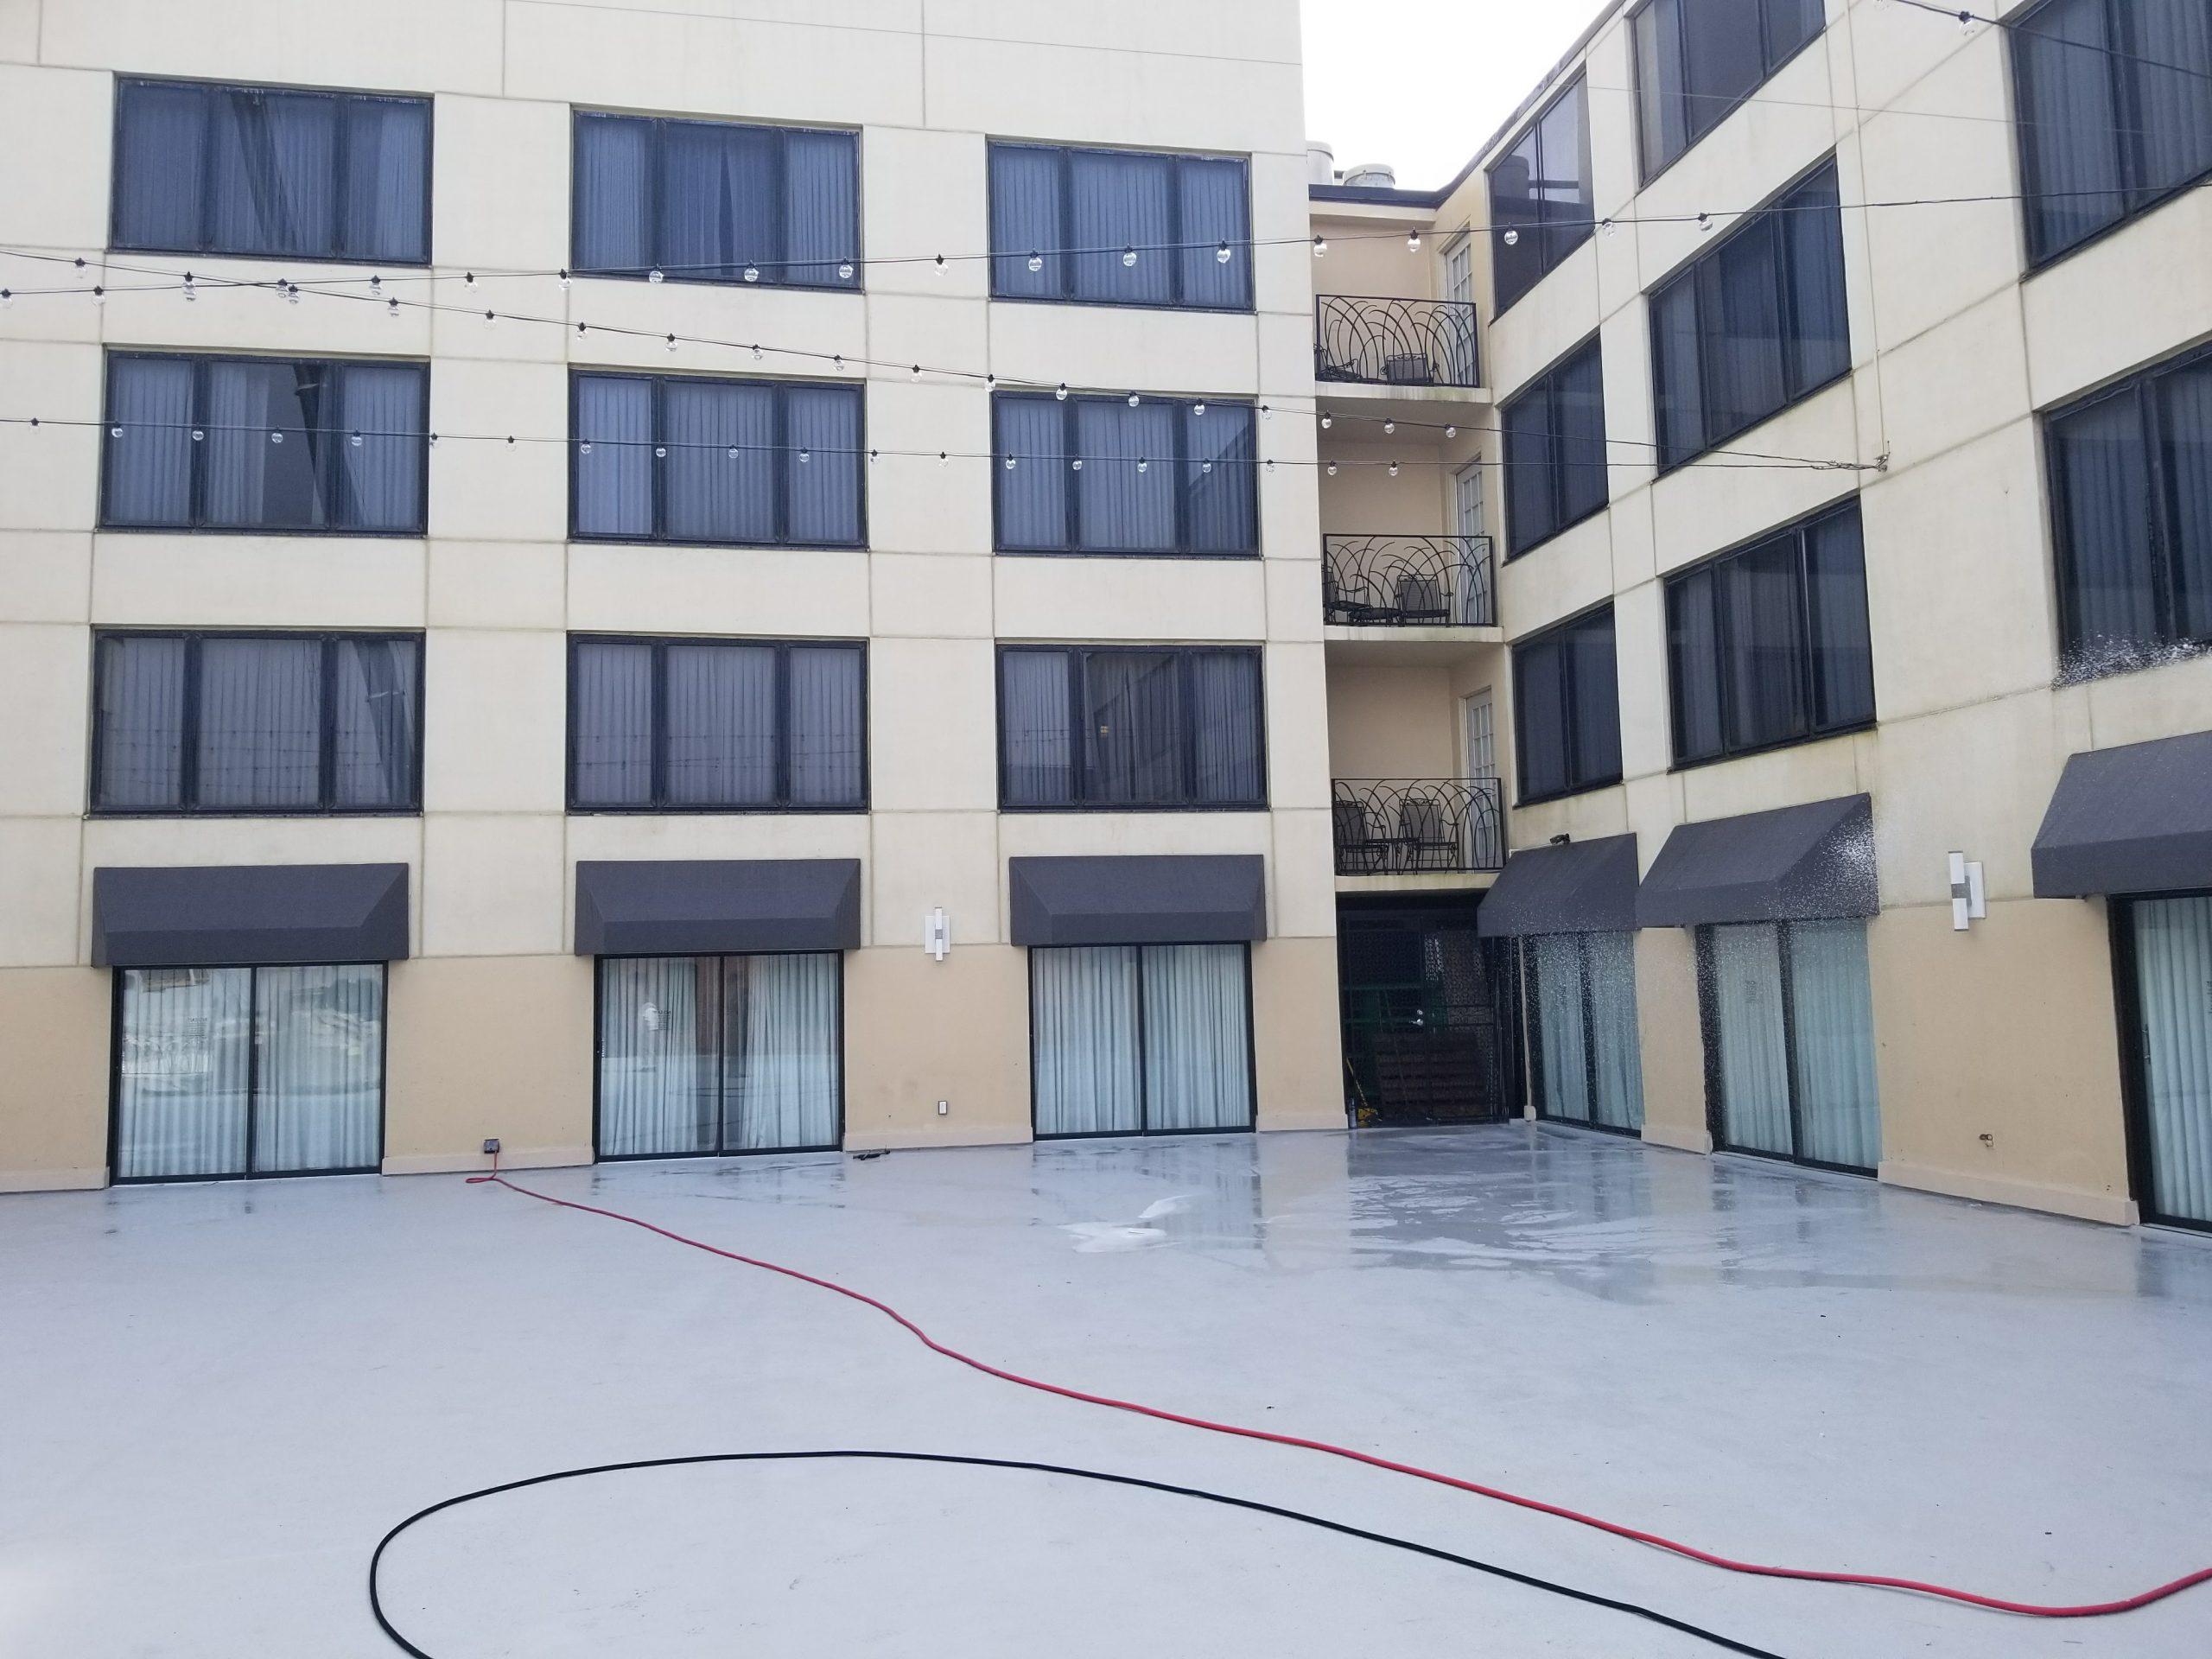 Apartment Complexes In Savannah Ga